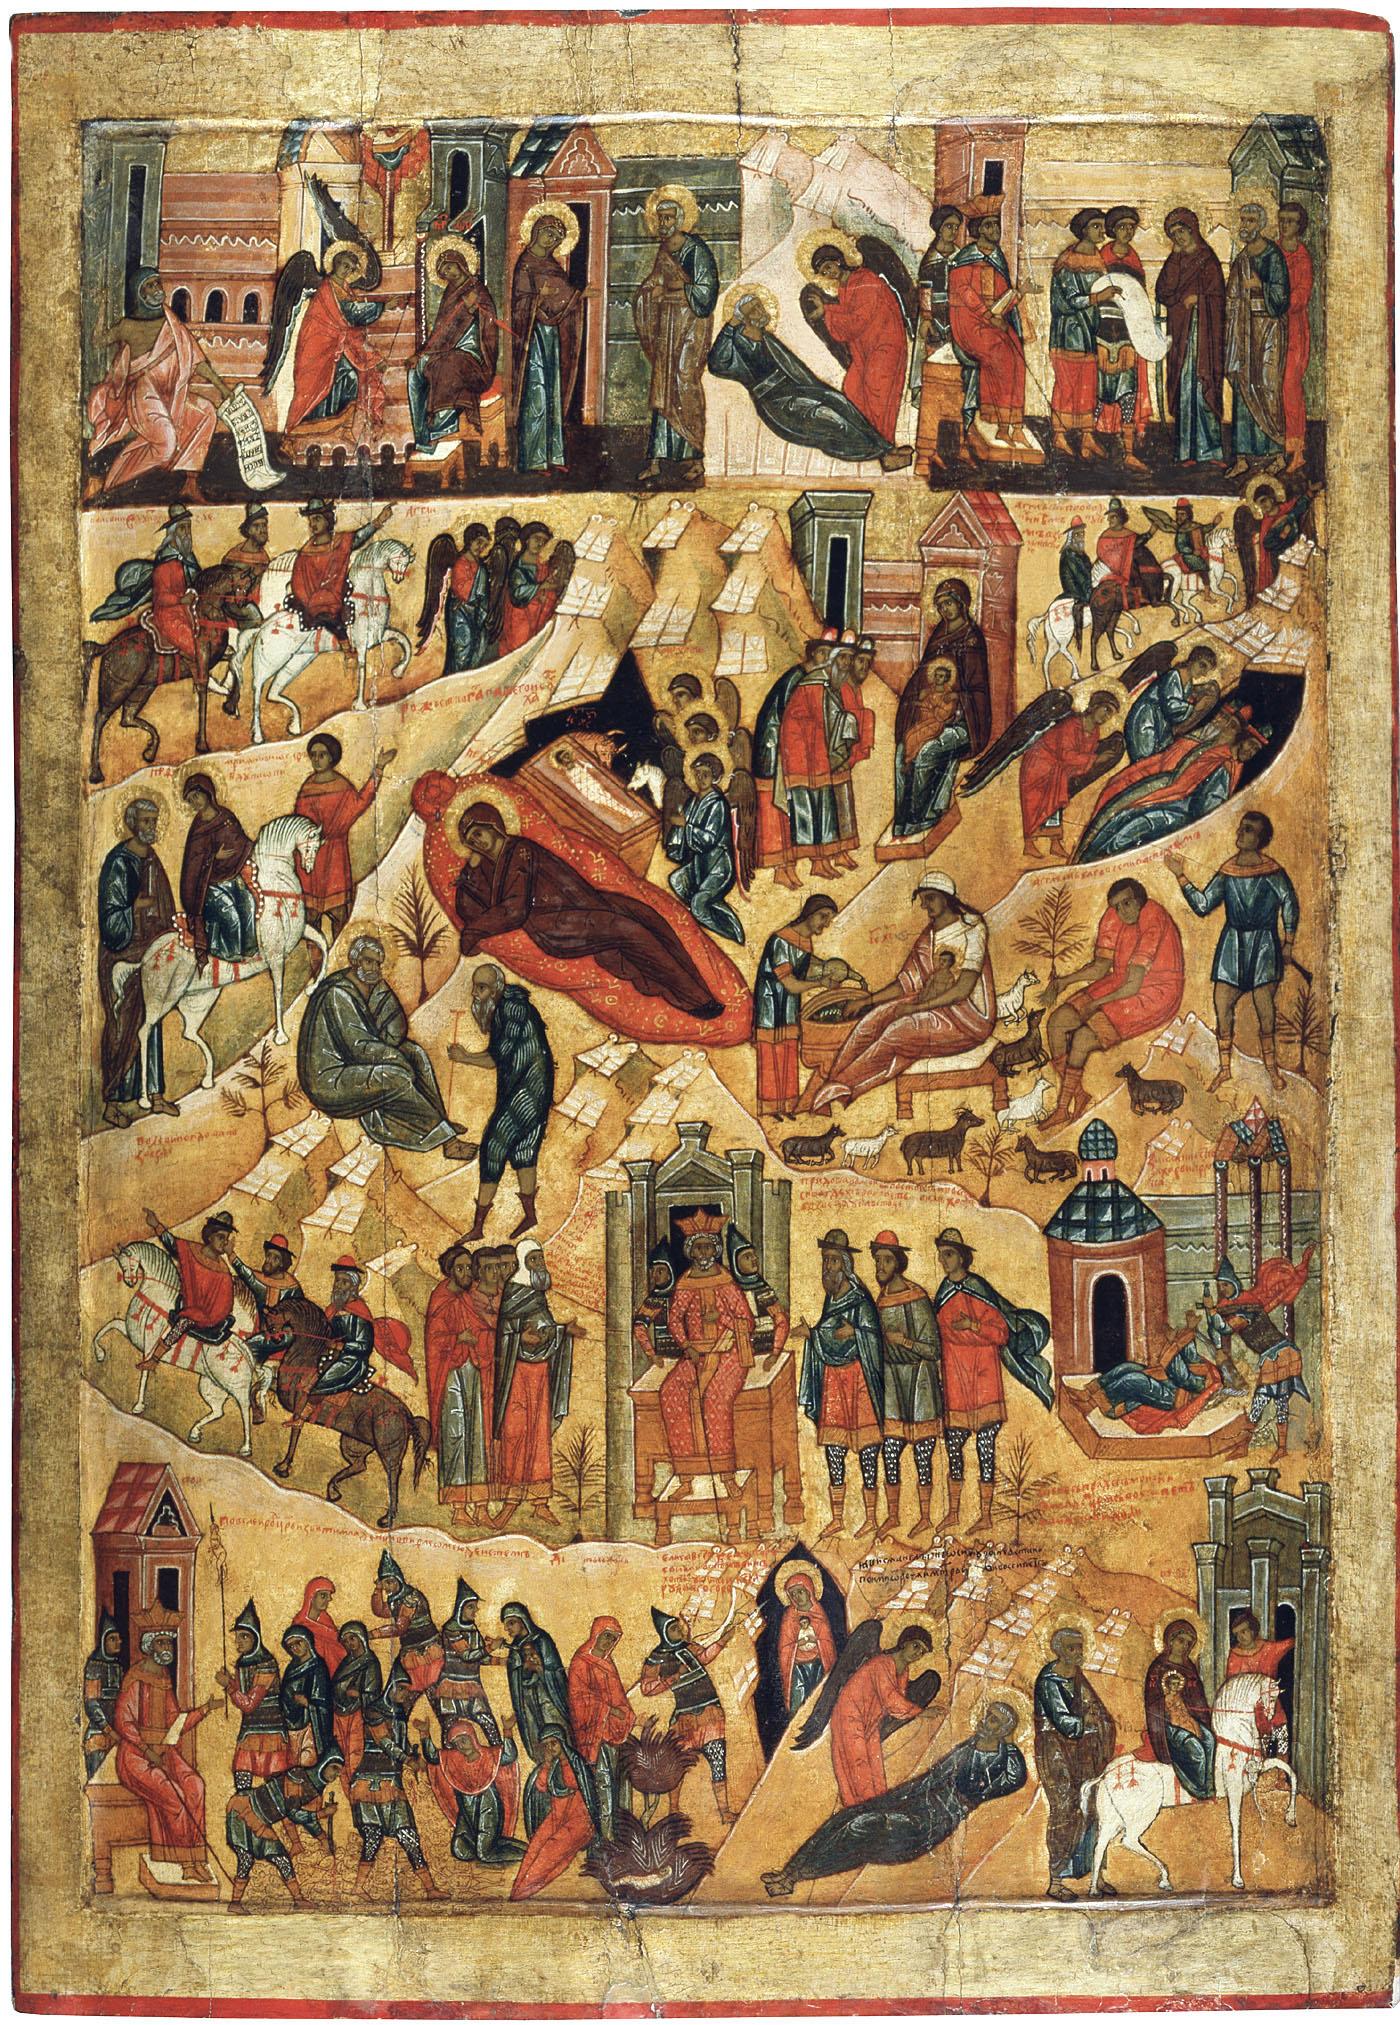 Ιωσήφ Μπρόντσκι Το αστέρι των Χριστουγέννων